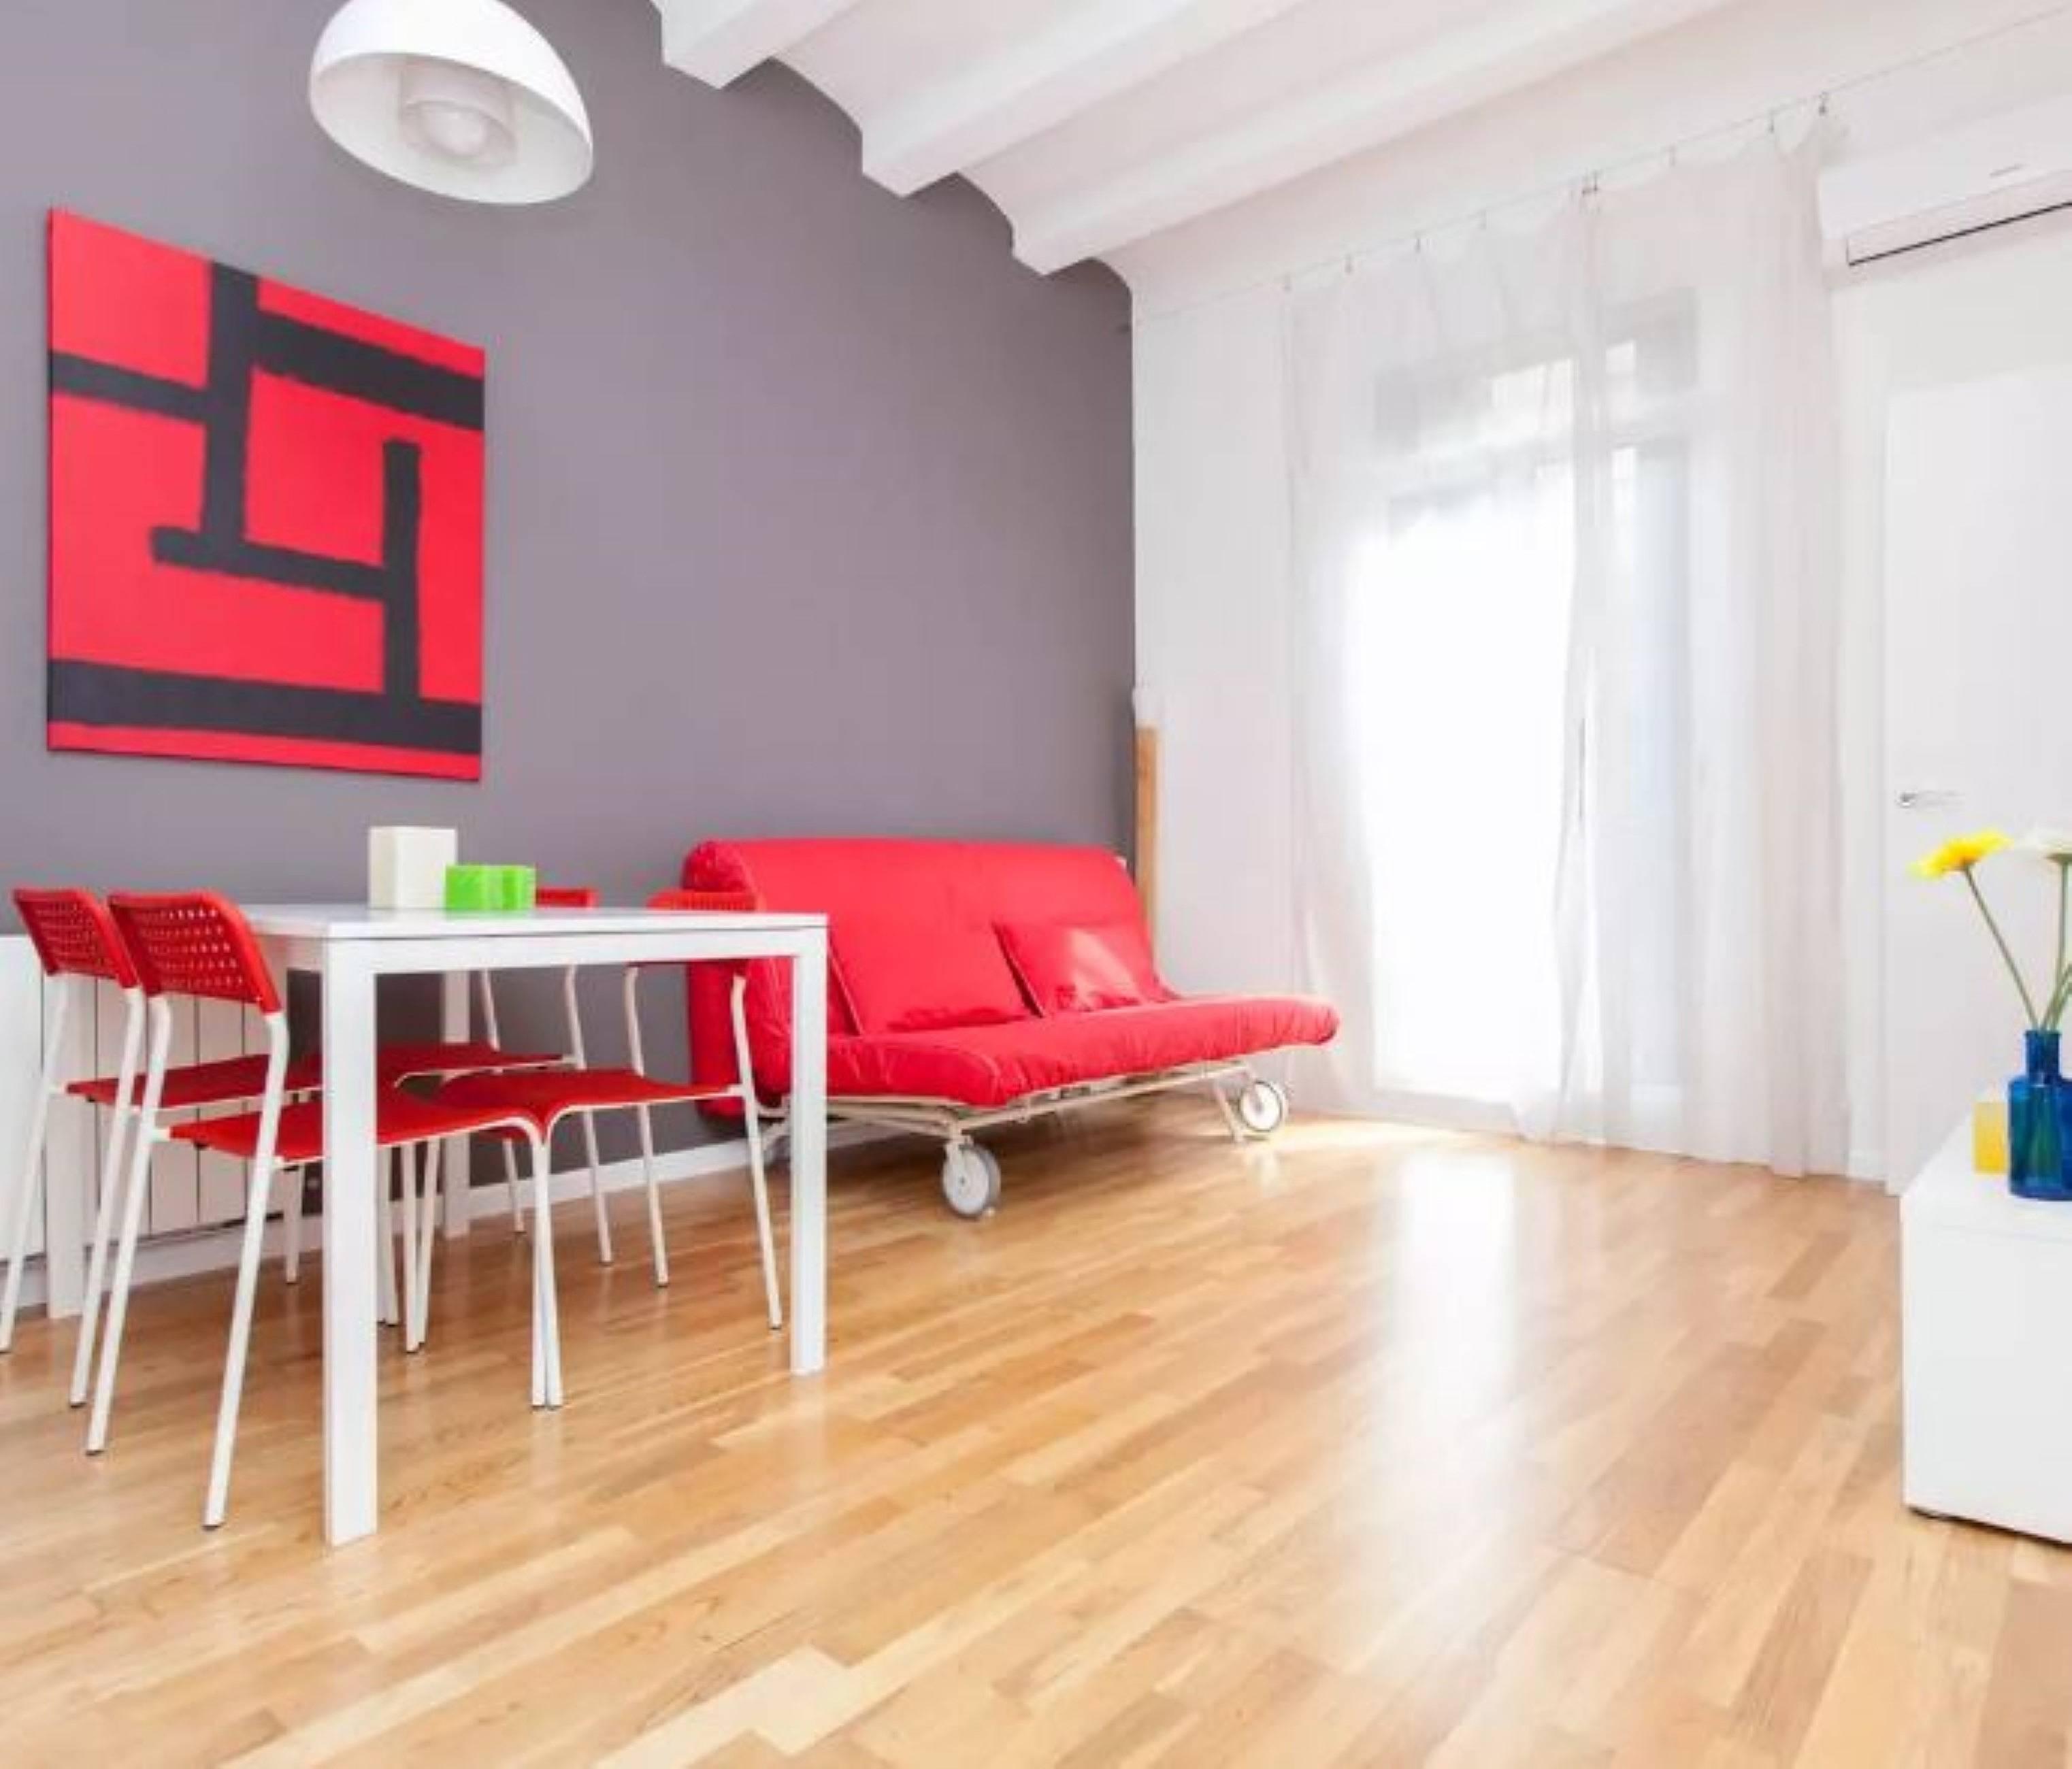 Alquiler vacaciones apartamentos y casas rurales en barcelona centro ciudad p gina 3 - Alquiler casas rurales barcelona ...